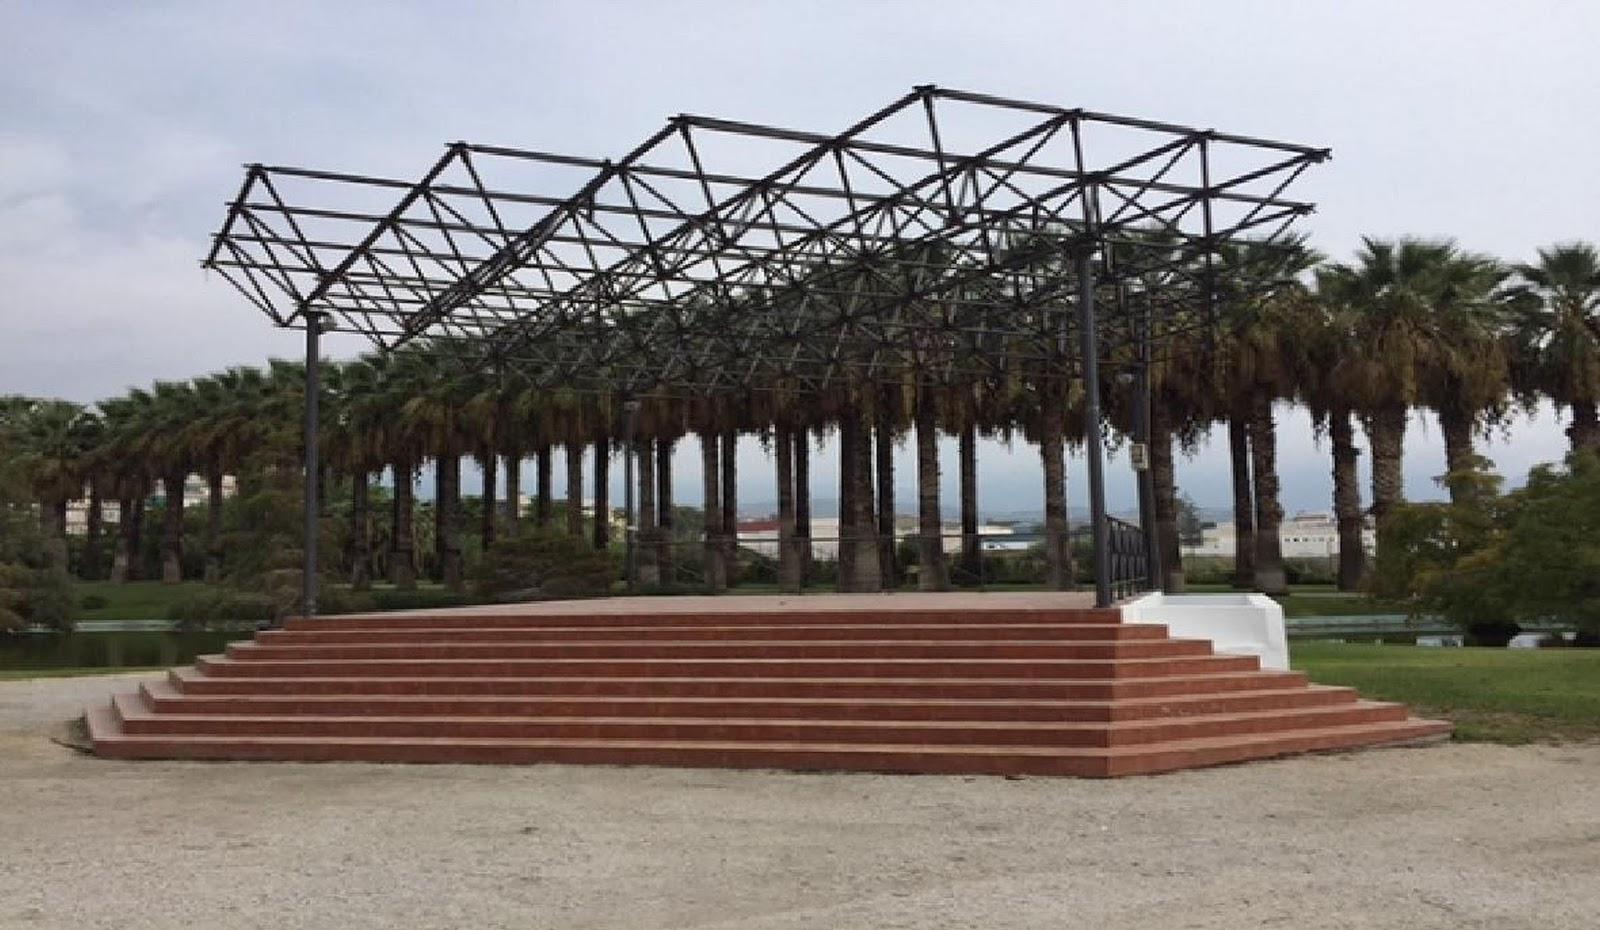 Motril digital el rea de mantenimiento parques y jardines renueva la imagen del templete del - Mantenimiento parques y jardines ...